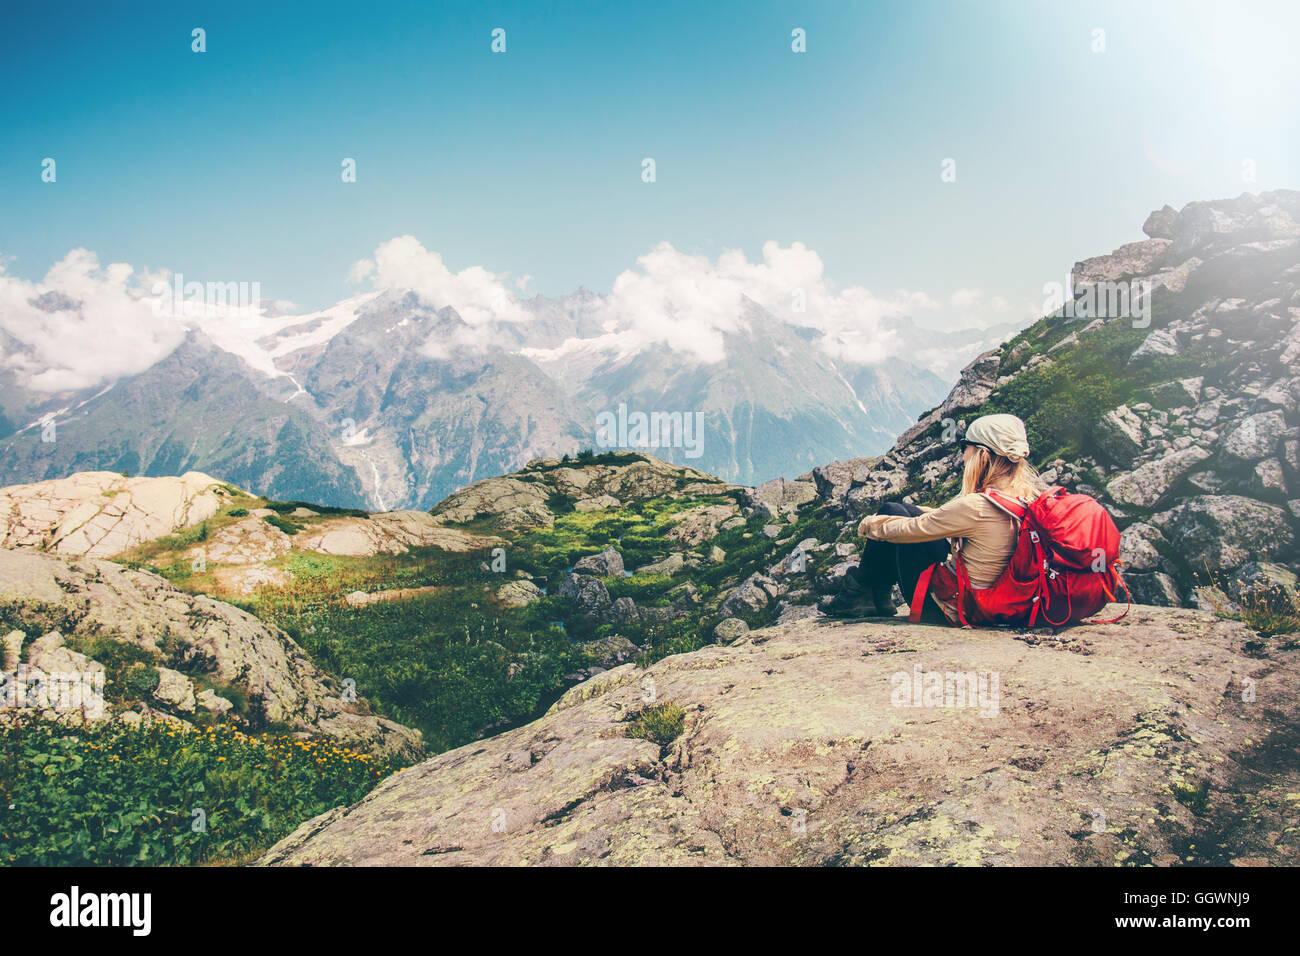 Donna viaggiatore con zaino con rilassanti montagne serenità visualizza lo stile di vita di viaggio concetto Immagini Stock